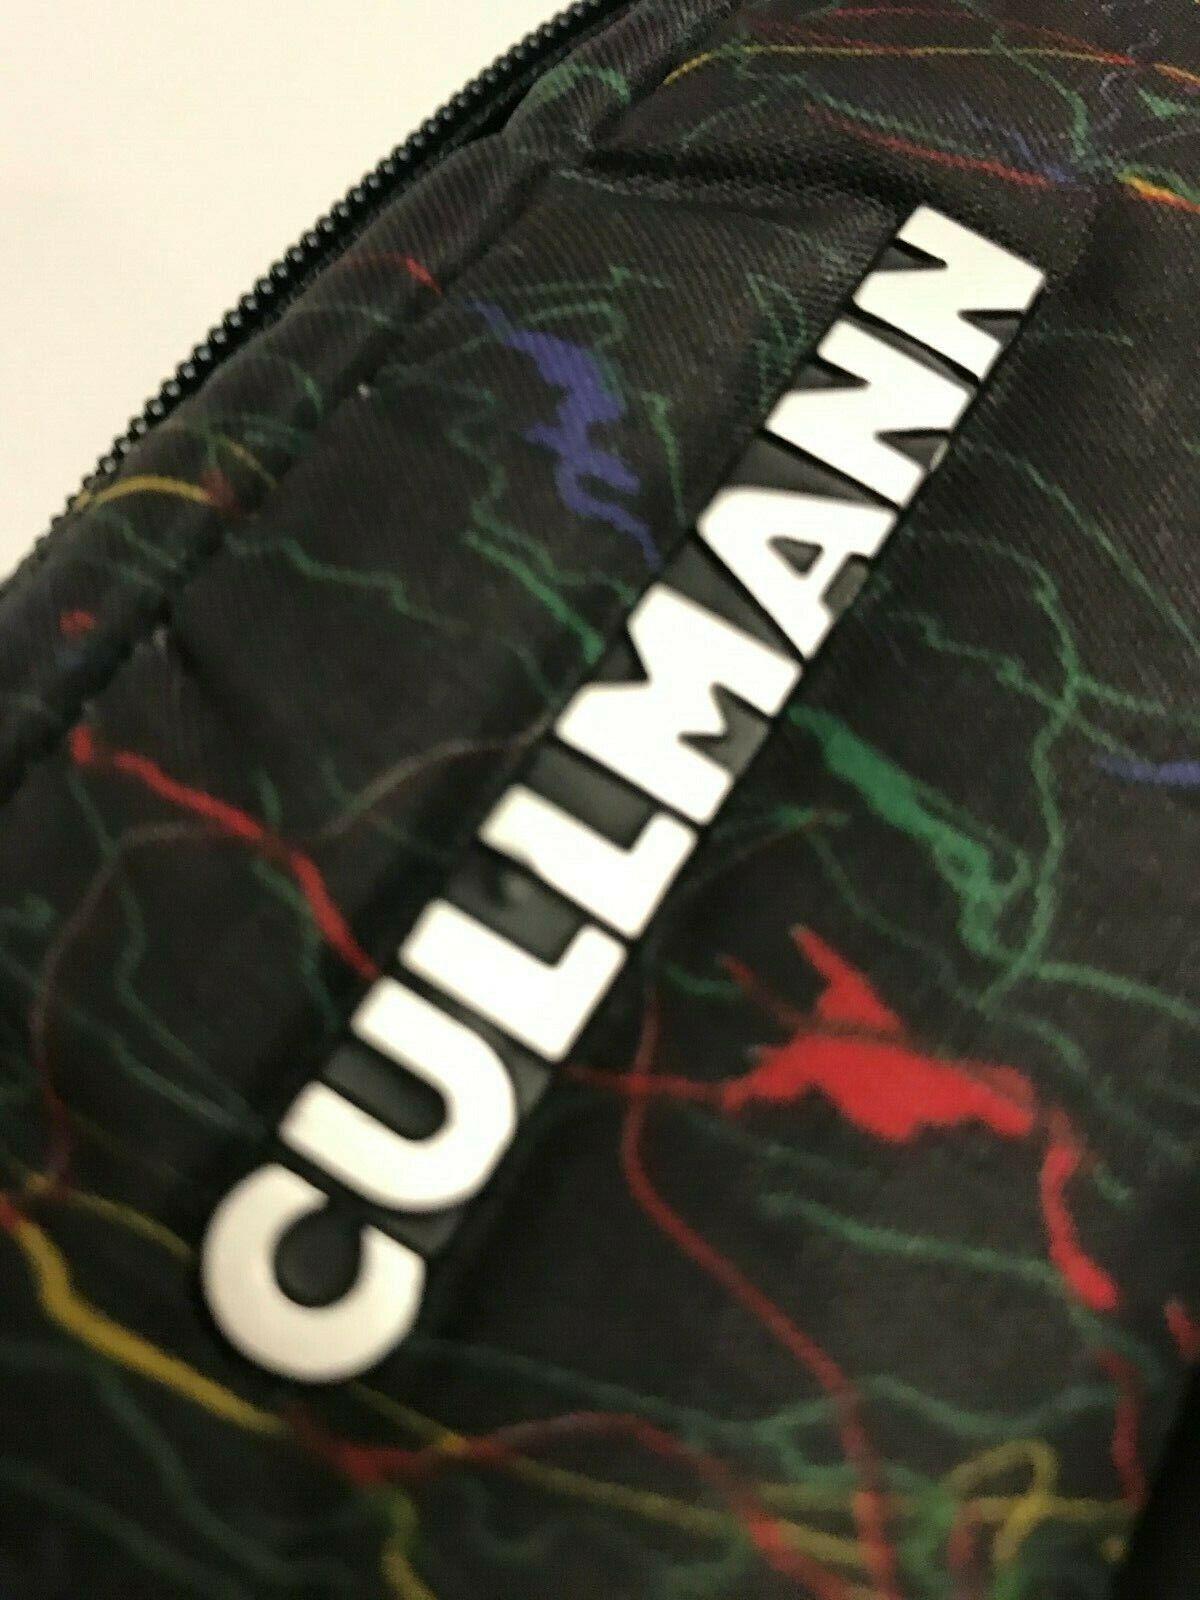 Cullmann Kamera Tasche für Systemkameras Spiegelreflex DSLR / DSLM Colt Foto